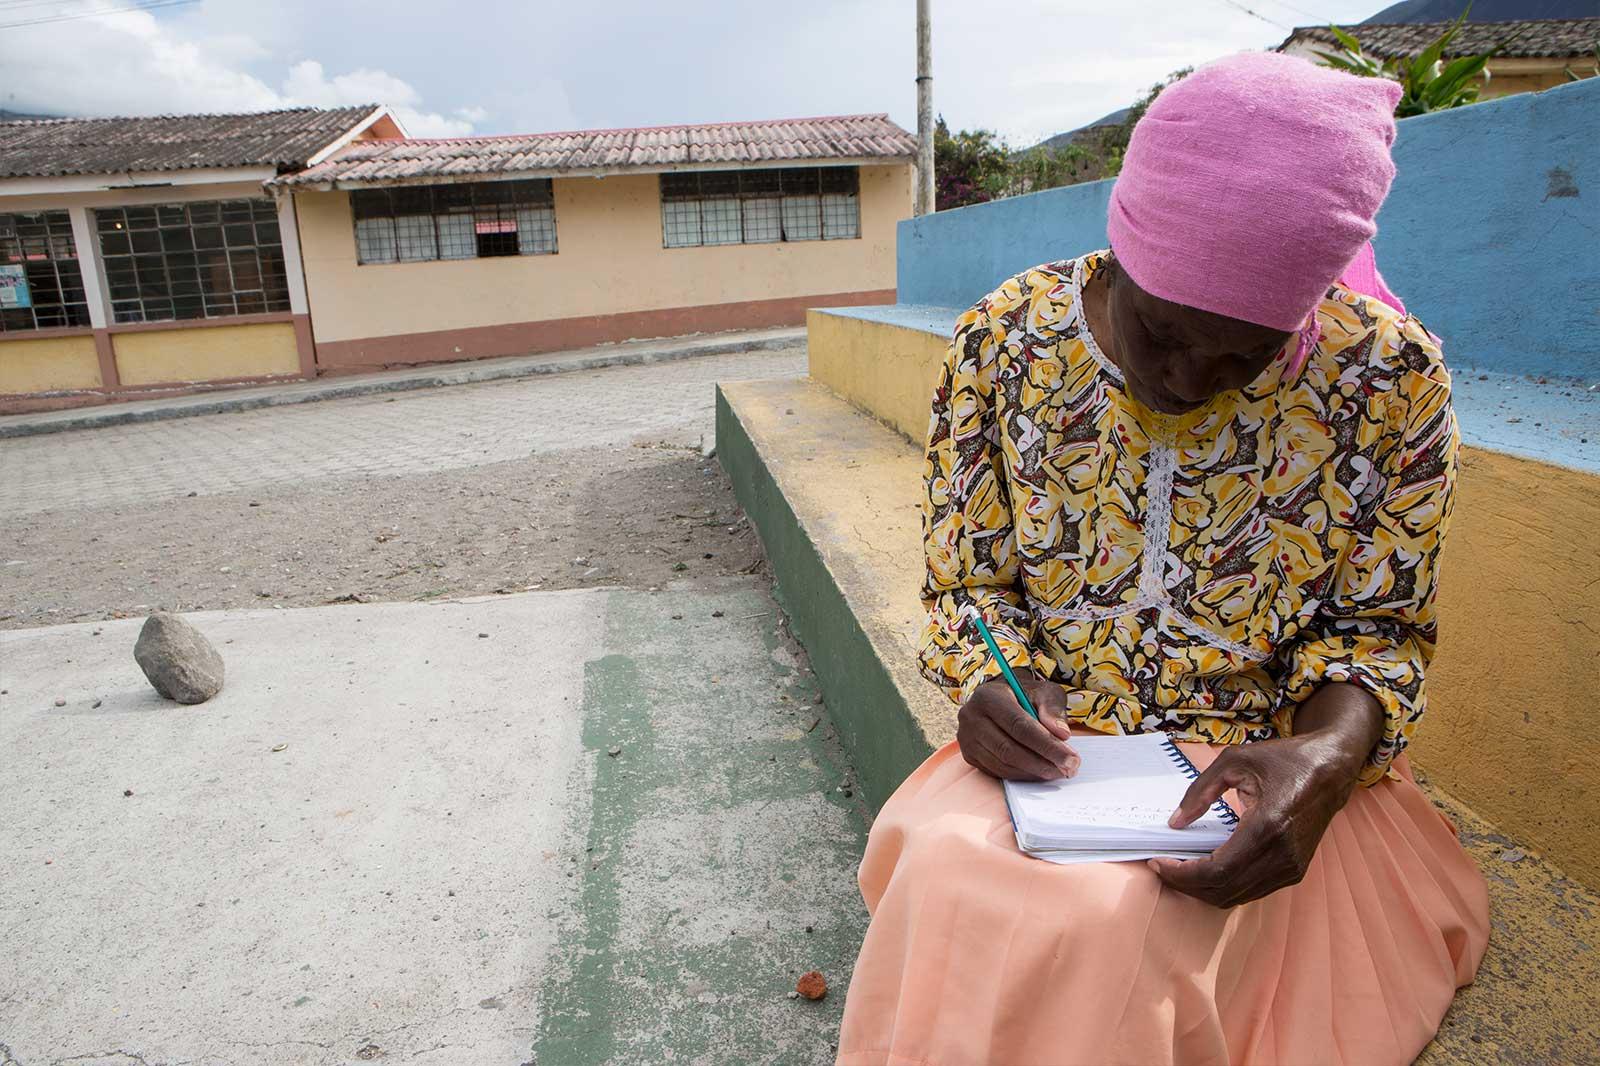 Entre 2011 y 2012, 20 voluntarias de la CONAMUNE realizaron una investigación para medir el nivel de violencia contra la mujer negra en las provincias de Carchi, Imbabura y Pichincha. Descubrieron, después de más de un millón de entrevistas en 47 comunidades, que 9 de cada 10 sufren violencia física, verbal, psicológica, económica, cultural, sexual o laboral.